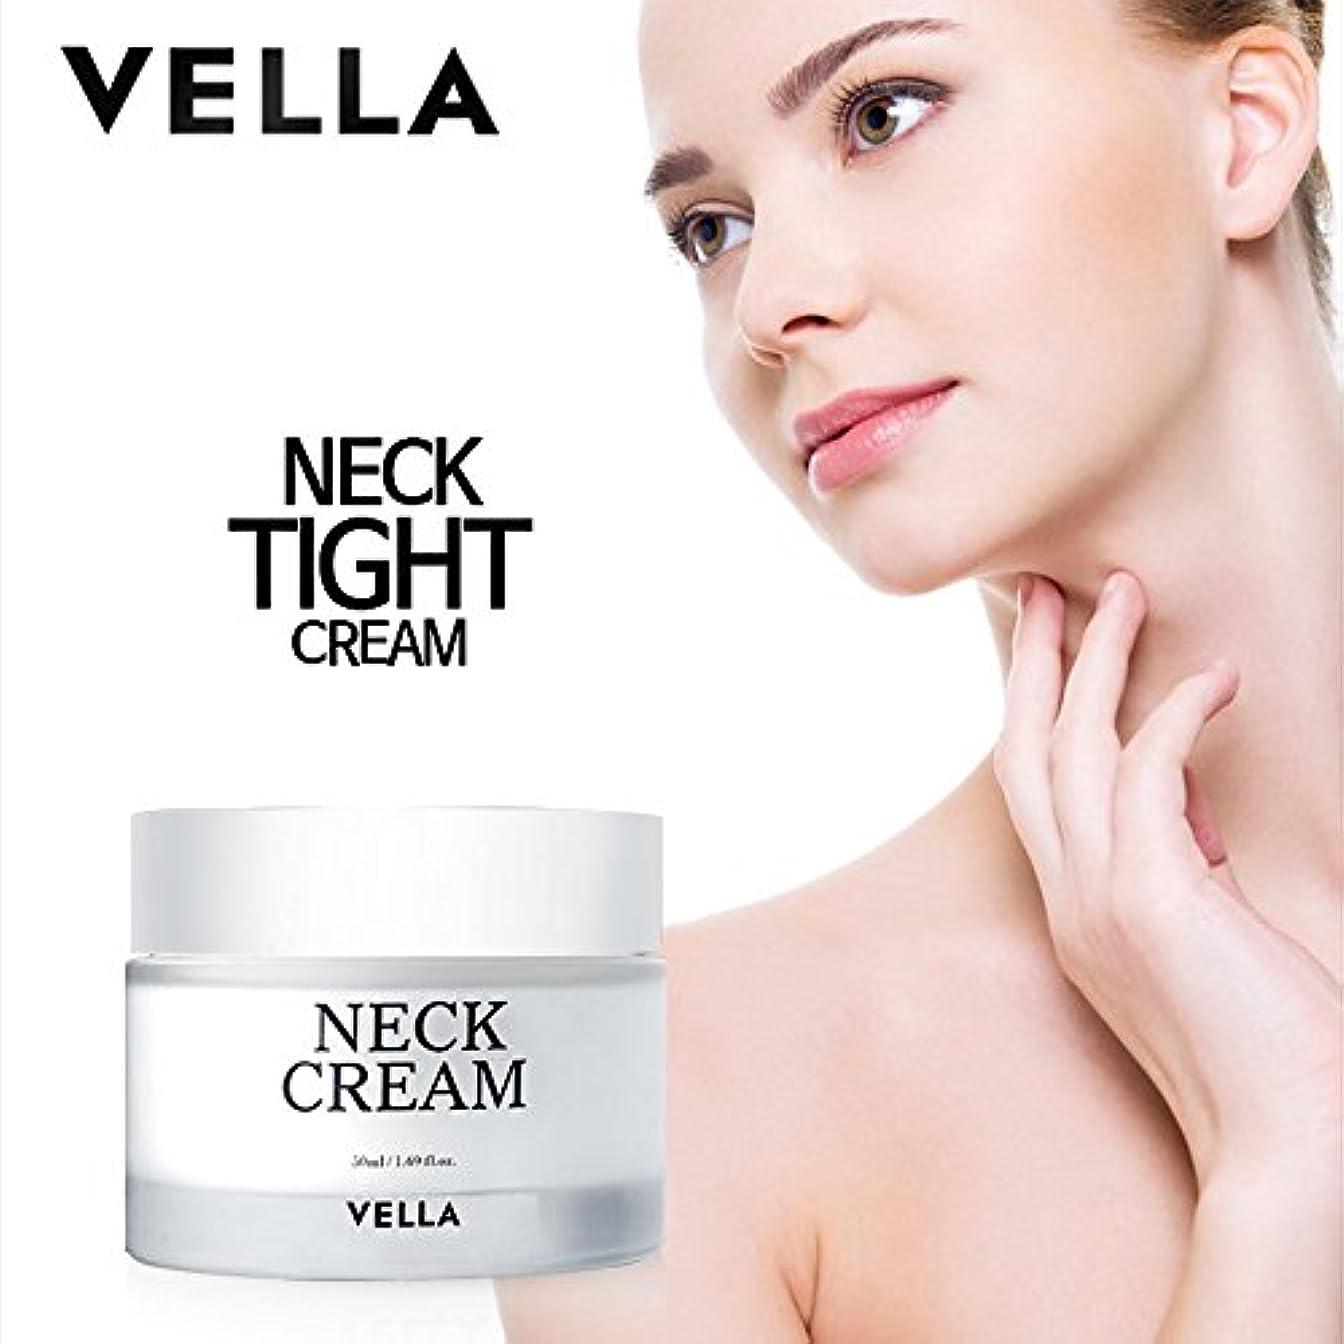 マリナーポータブル割合VELLA Anti Wrinkle & Whitening Strong Neck Cream(体がキレイvella首専用のクリーム) 50ml [並行輸入品]